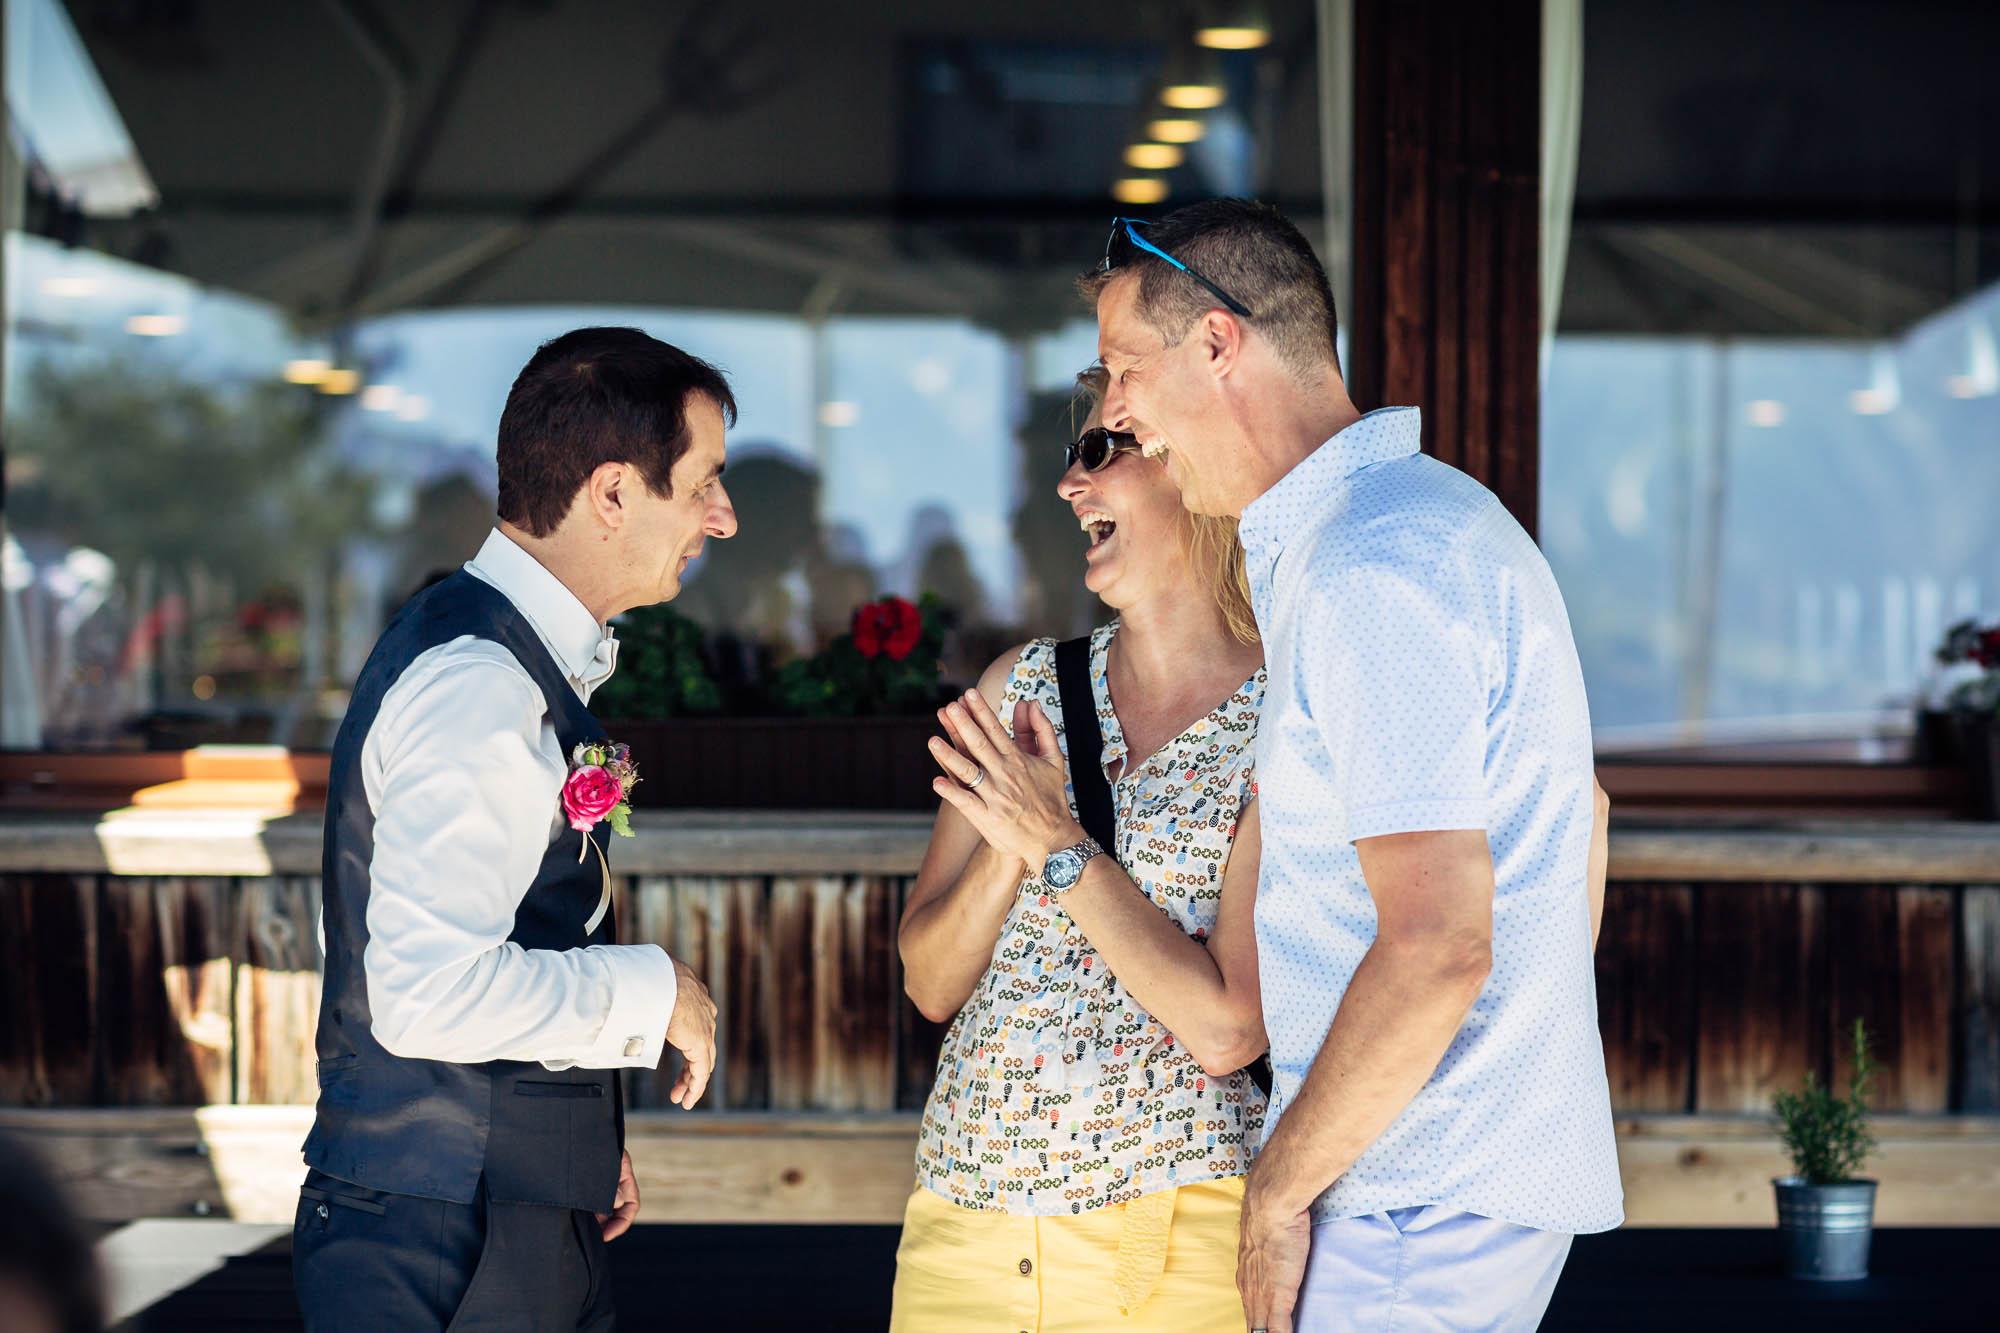 Bräutigam mit Gäste am Lachen